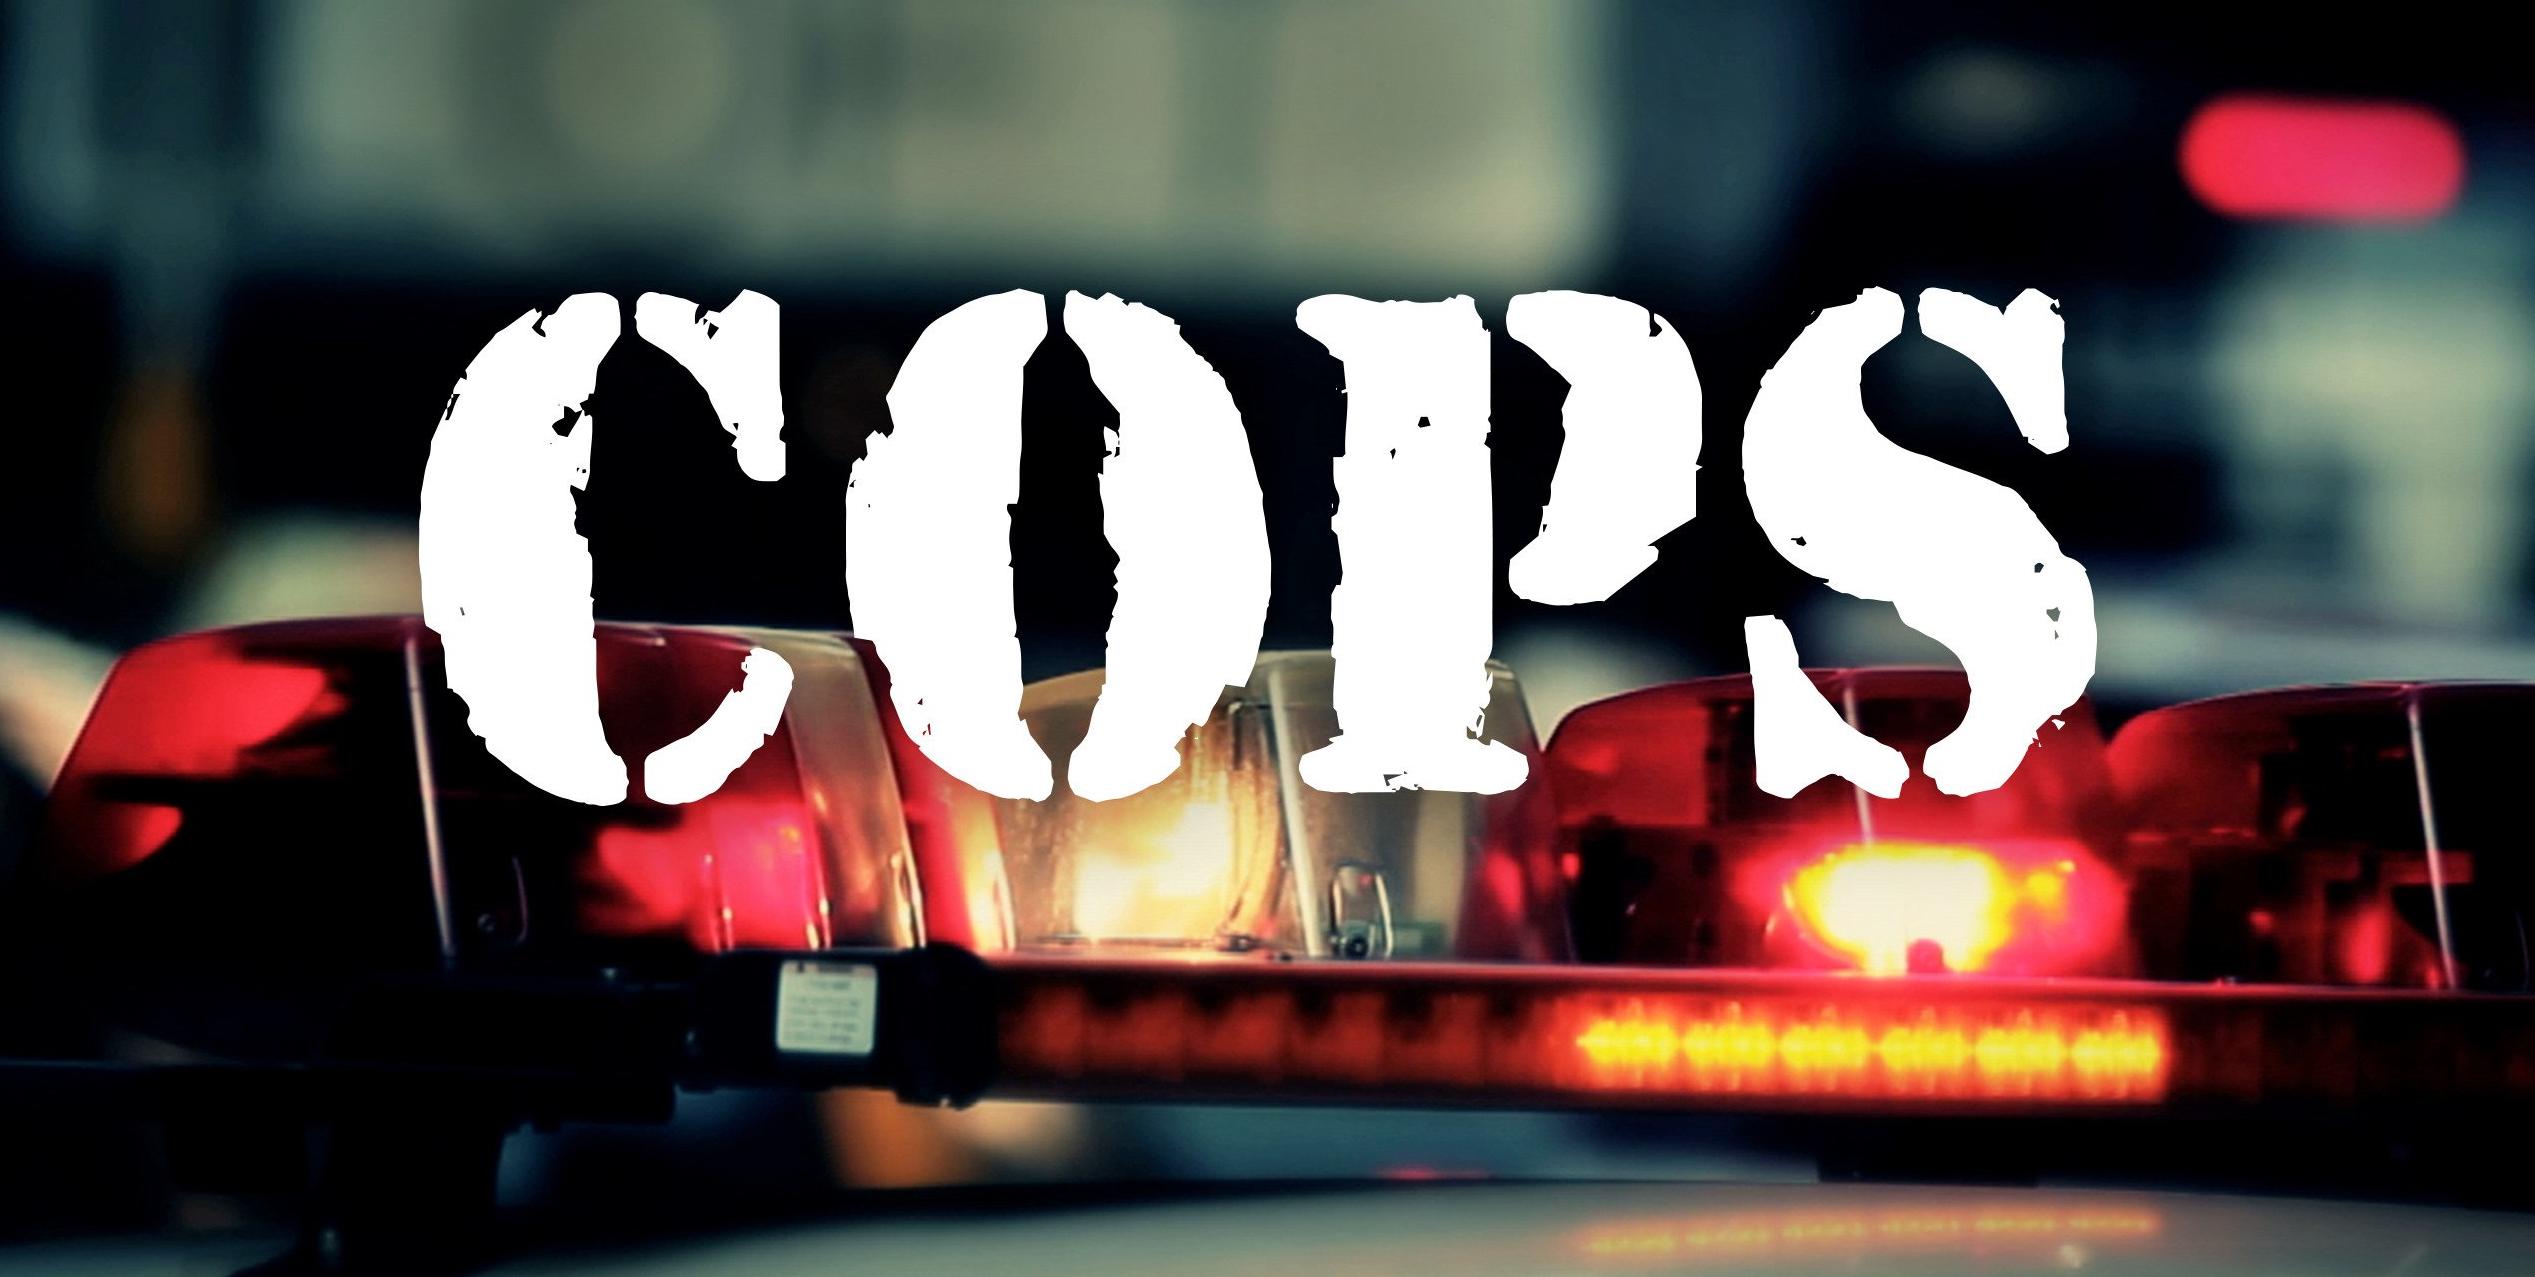 33 sezon amerykañskiego reality show COPS anulowany z powodu protestów przeciw brutalno¶ci policji